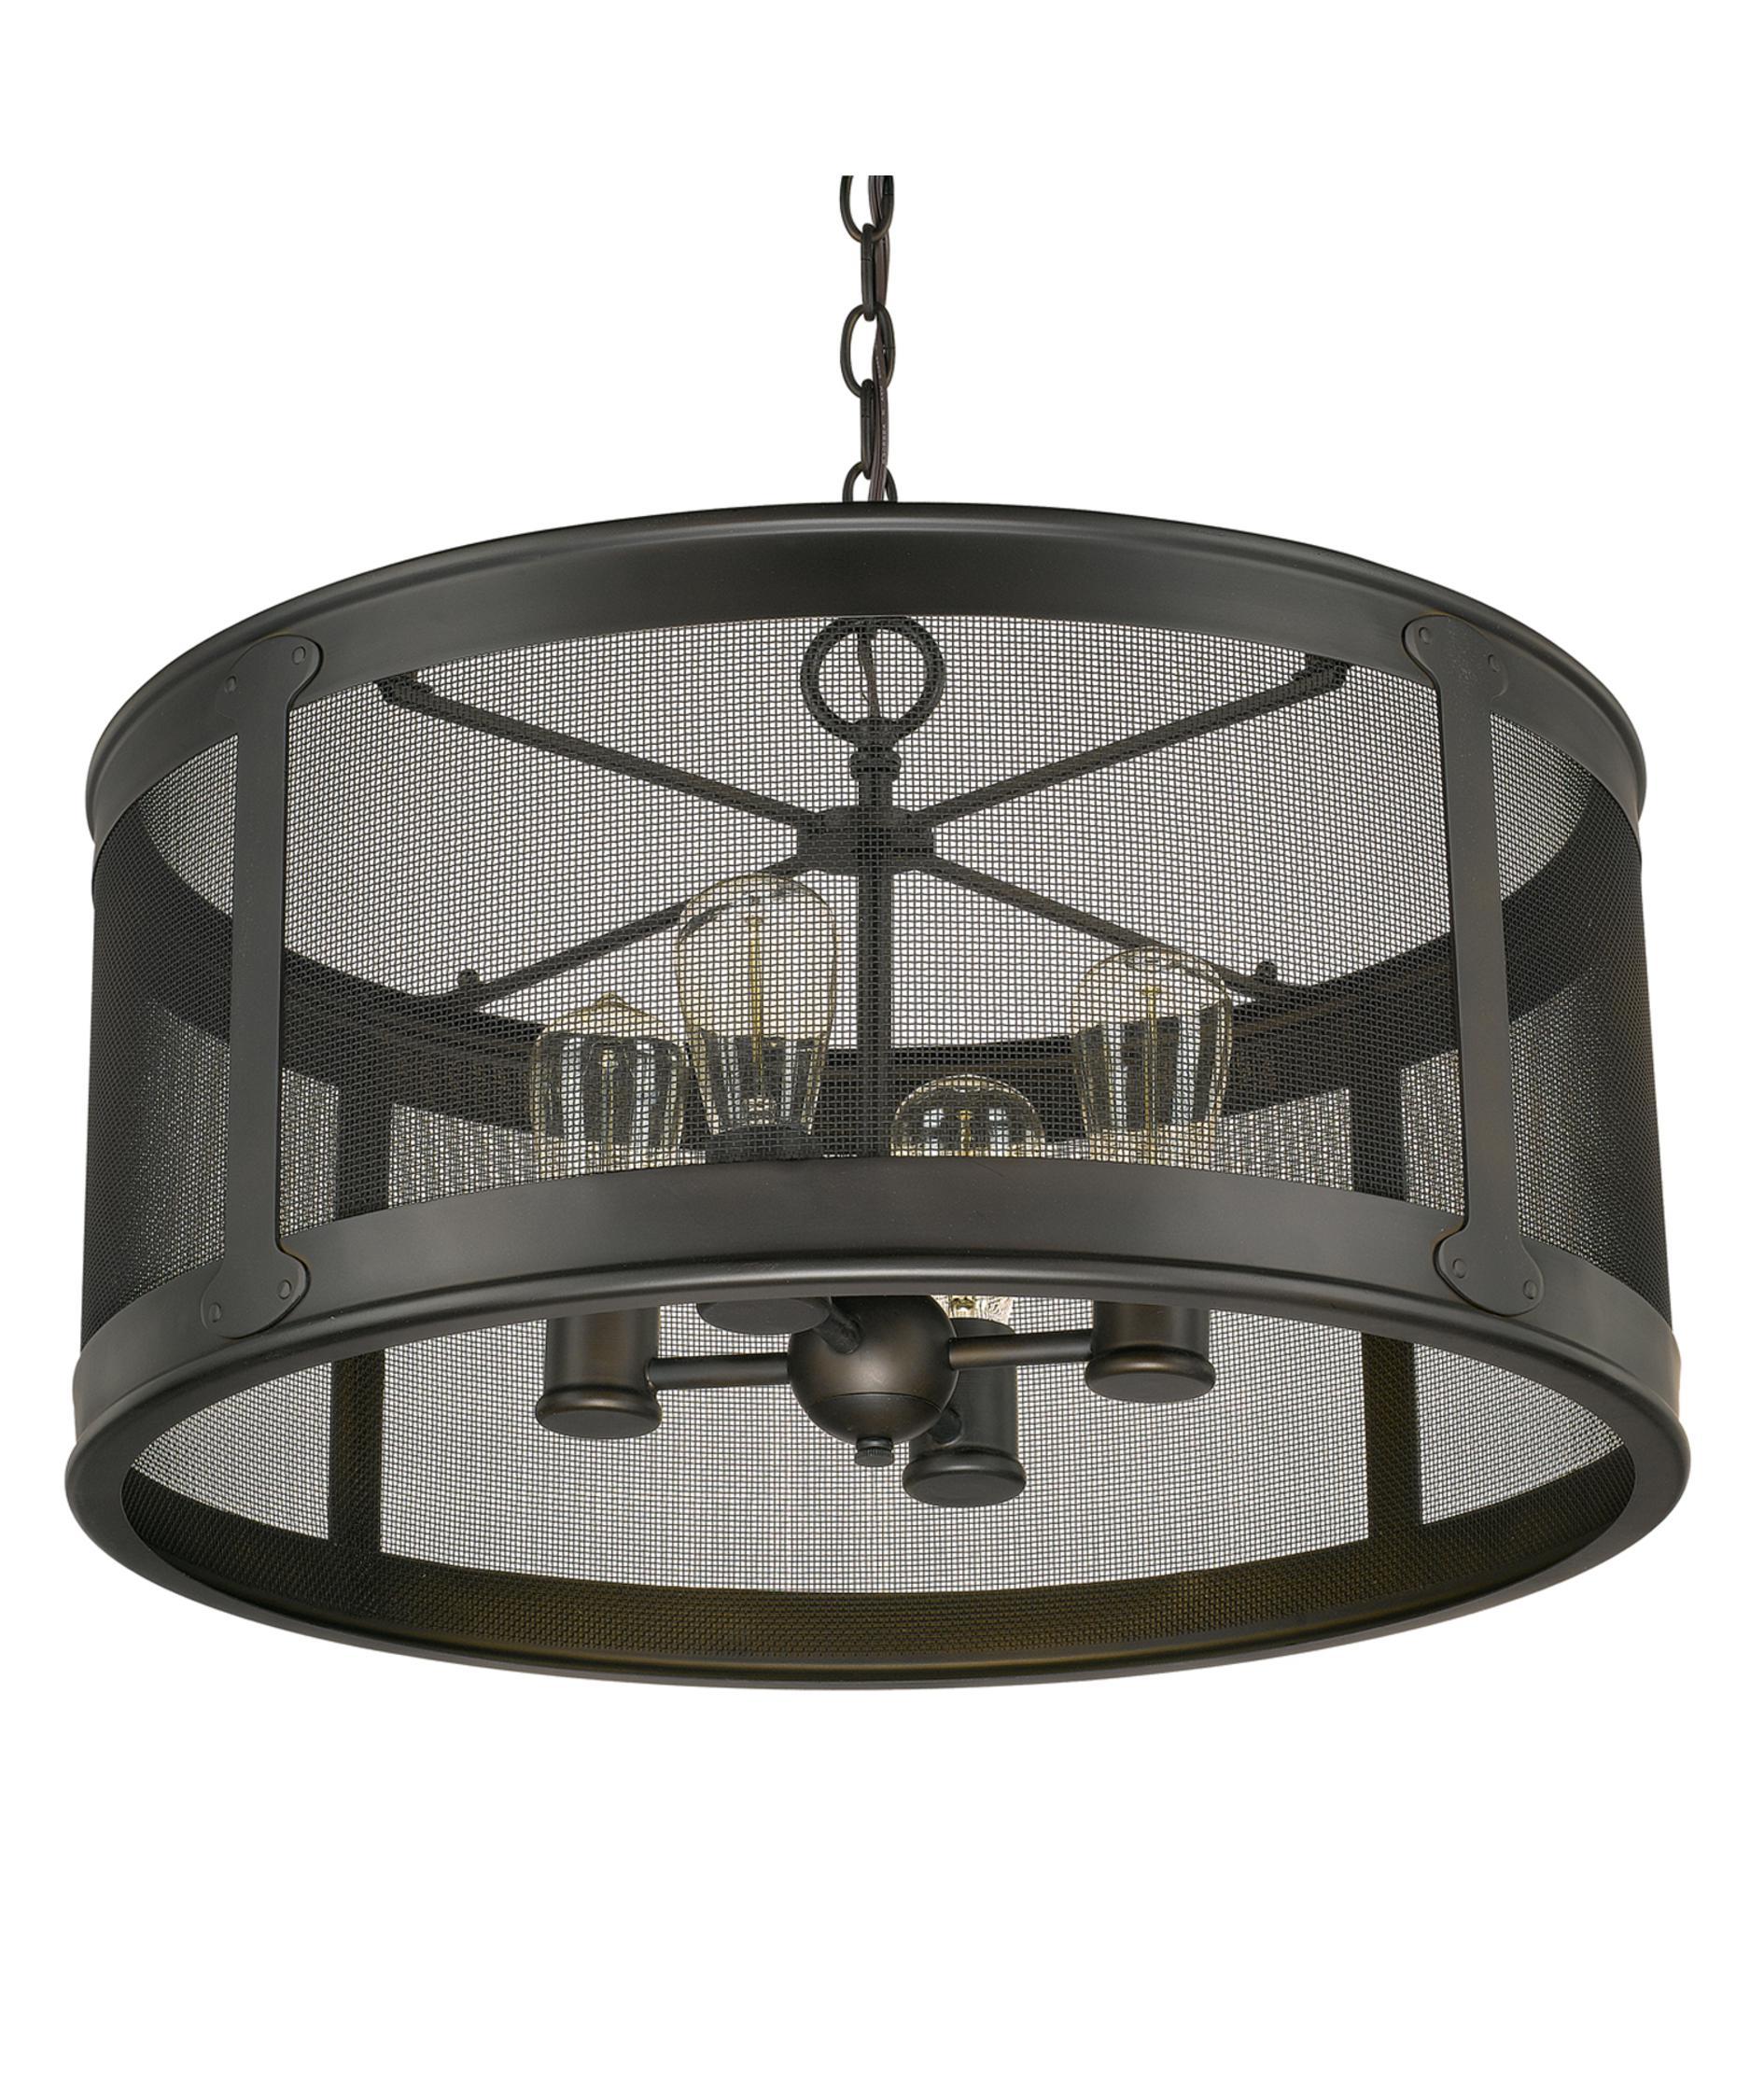 Flush mount outdoor lighting - Flush Mount Outdoor Lighting Capital Lighting 9618 Dylan 22 Inch Wide 4 Light Outdoor Flush